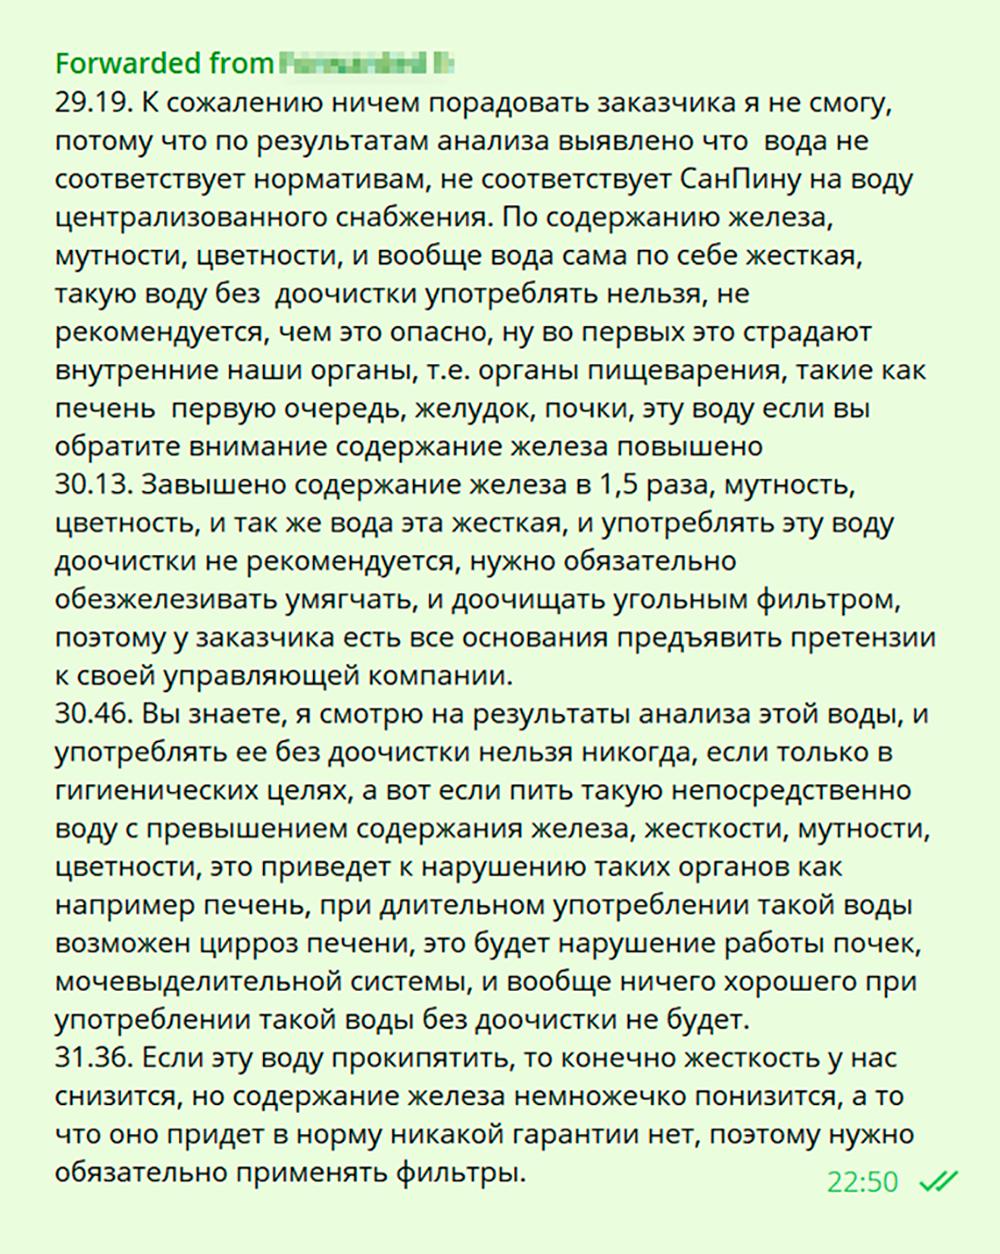 Как-то команда канала «Рен-ТВ» делала сюжет проводу в Путилкове. Они взяли пробы воды в моей квартире и потом прислали результат: такую воду пить нельзя